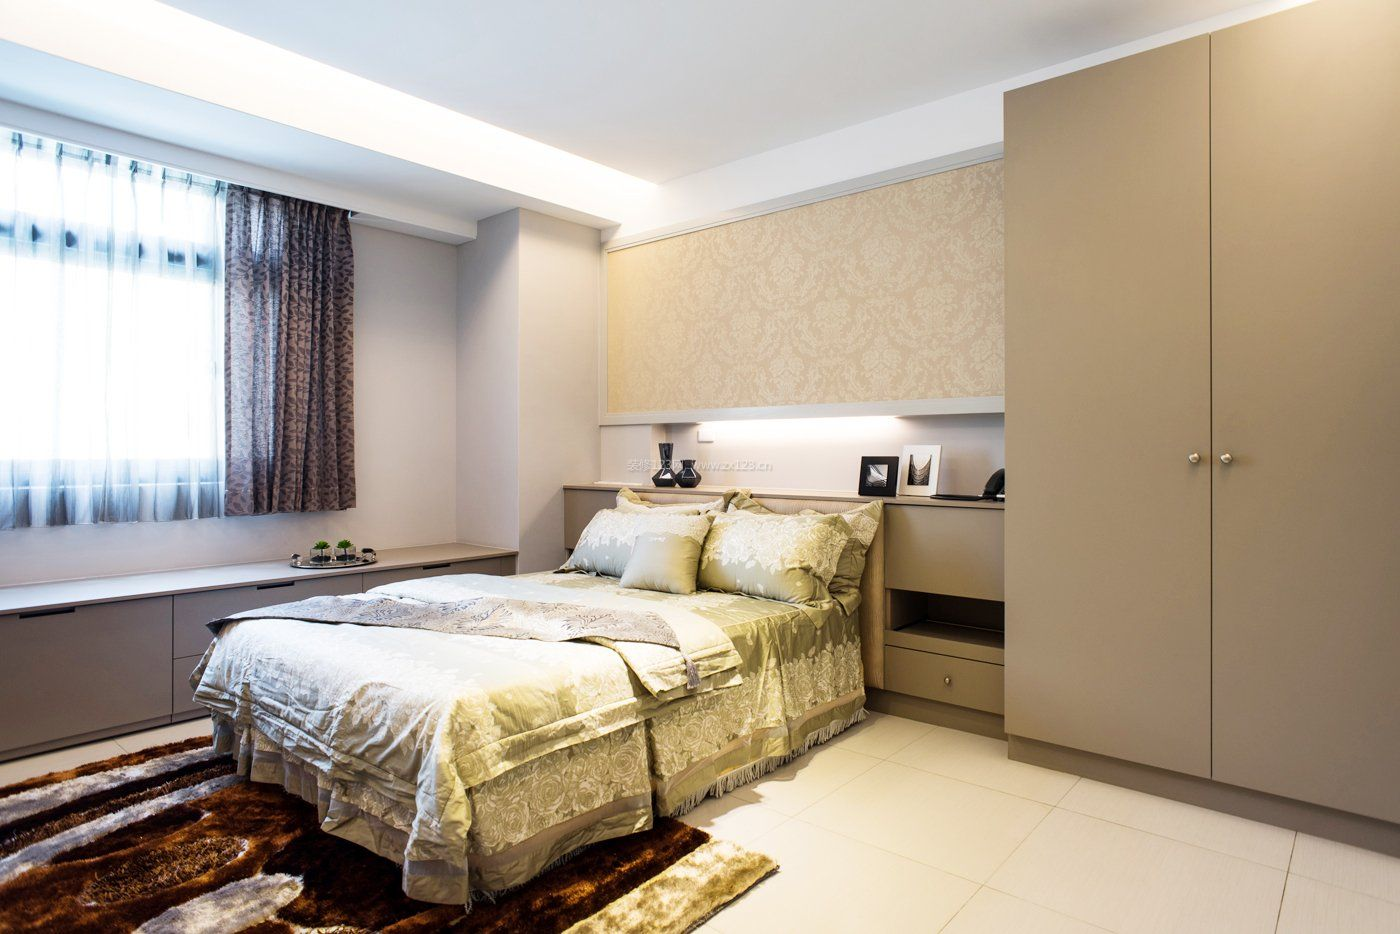 现代简约式风格卧室柜子装修效果图片